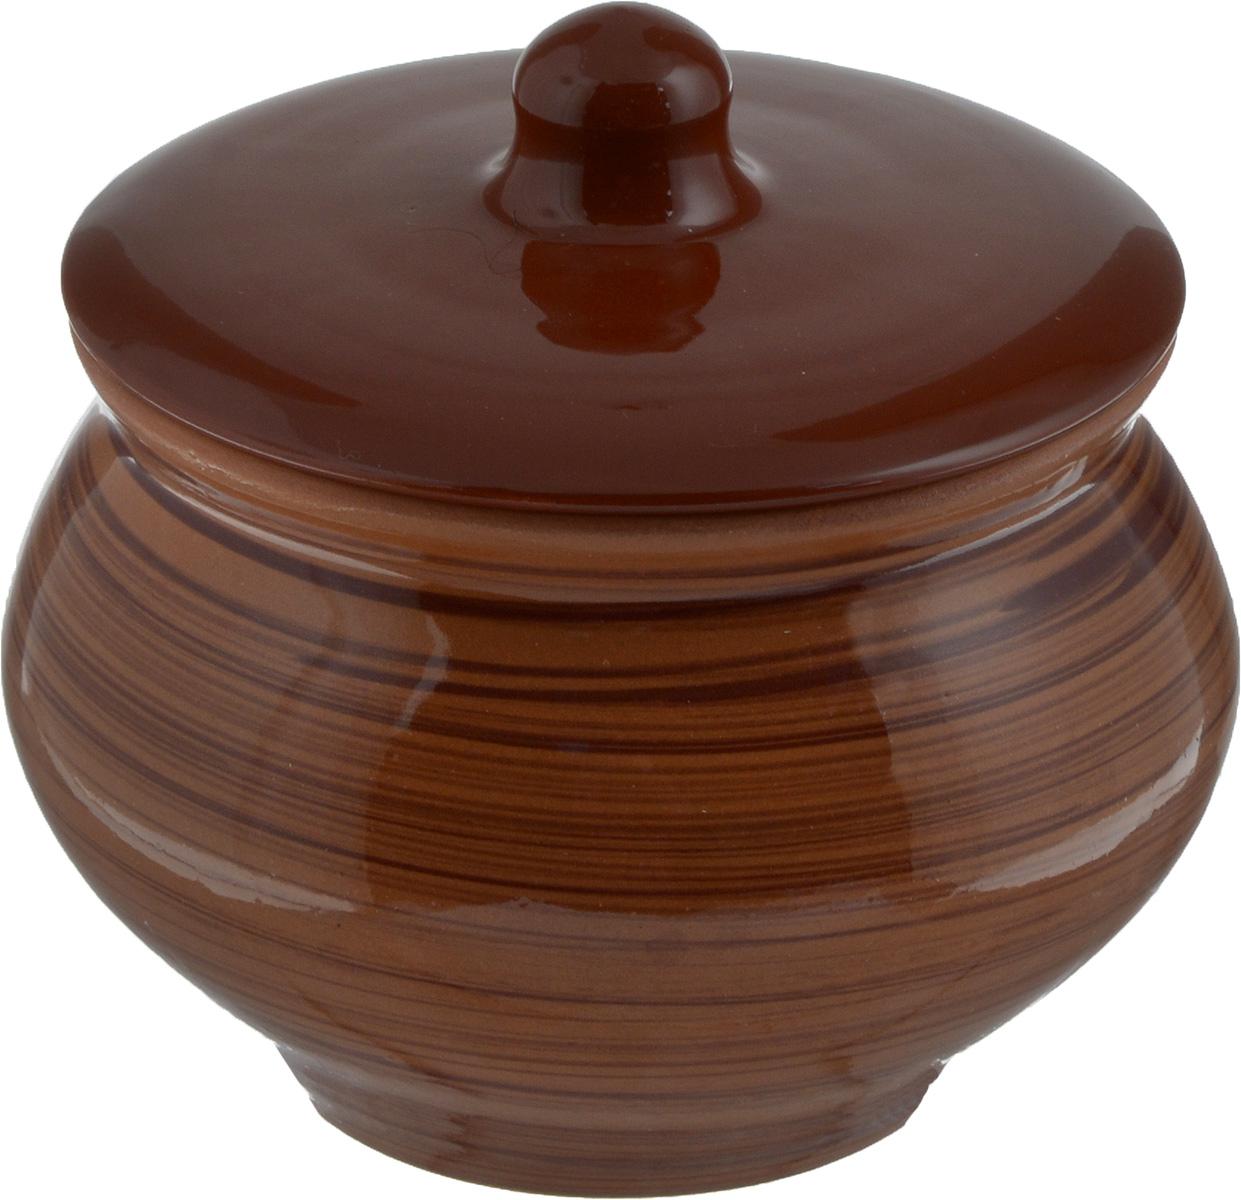 Горшок для запекания Борисовская керамика Cтандарт, с крышкой, цвет: светло-коричневый, 1,3 л93-SI-S-17.4Горшок с крышкой для запекания Борисовская керамика Cтандарт выполнен из высококачественной керамики. Уникальные свойства керамики и толстые стенки изделия обеспечивают эффект русской печи при приготовлении блюд. Блюда, приготовленные в таком горшочке, получаются нежными и сочными. Вы сможете приготовить мясо, сделать томленые овощи и все это без капли масла. Это один из самых здоровых способов готовки. Предназначен горшок для приготовления блюд в духовом шкафу и микроволновой печи.Диаметр горшка (по верхнему краю): 15 см.Высота стенок: 11,5 см.